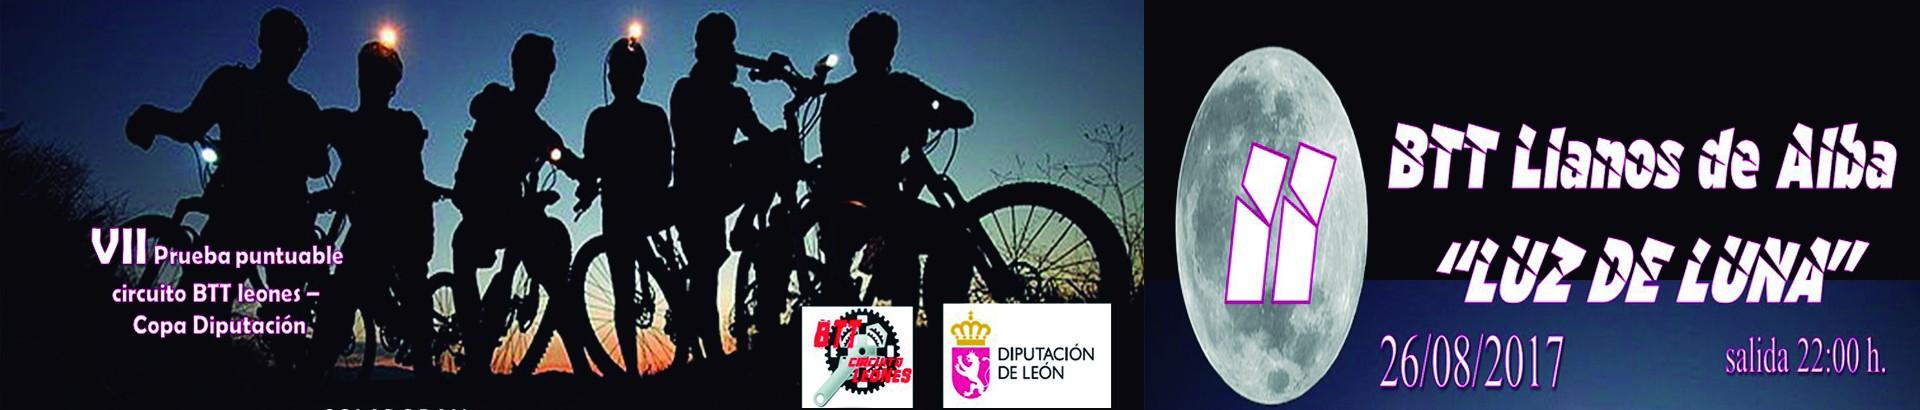 Circuito Leones Btt : Vuelta a leon btt la prueba por etapas con autentico y genuino